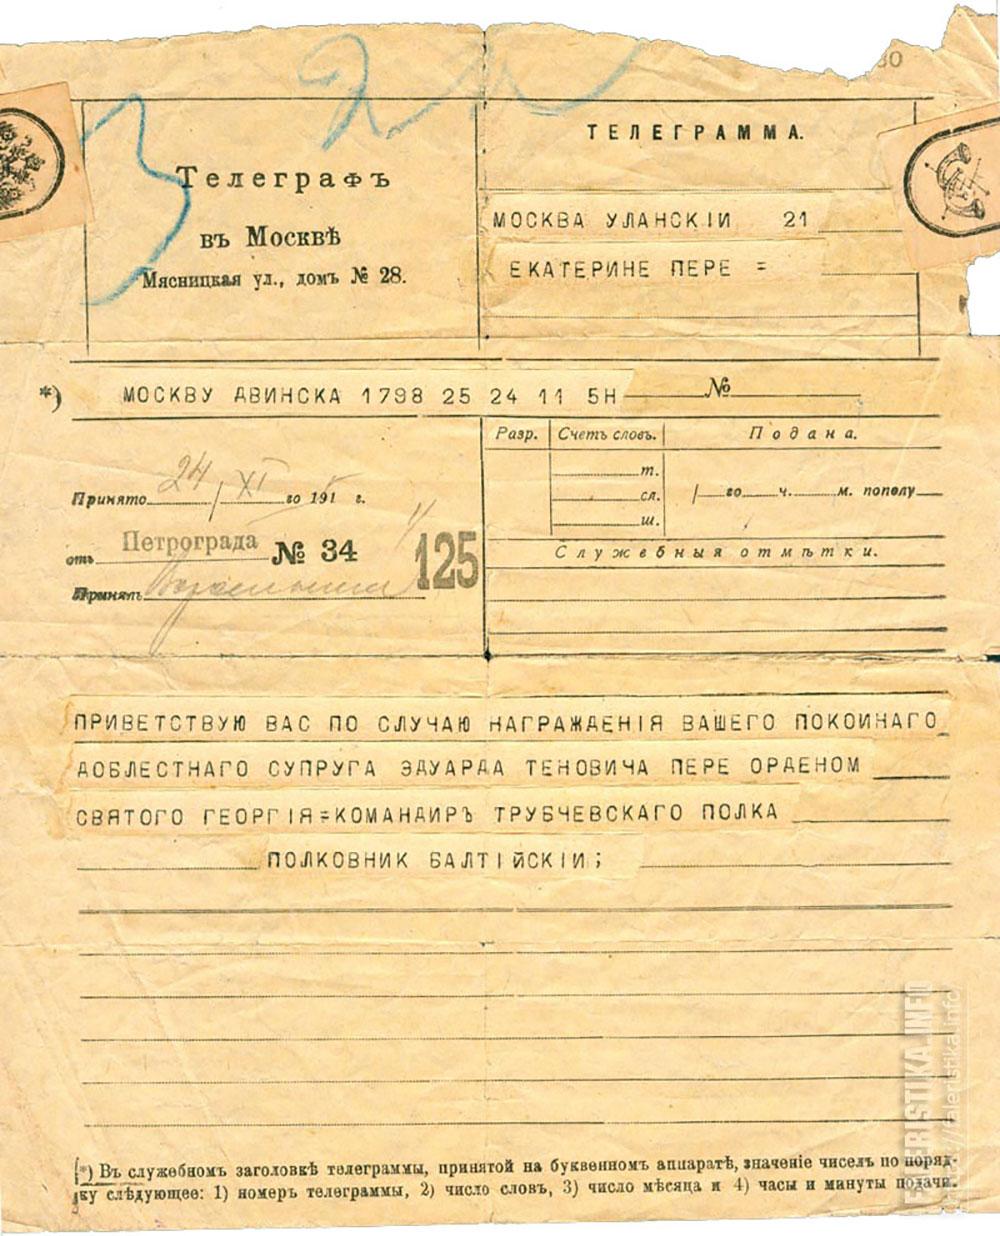 Телеграмма к Е.Р. Пере